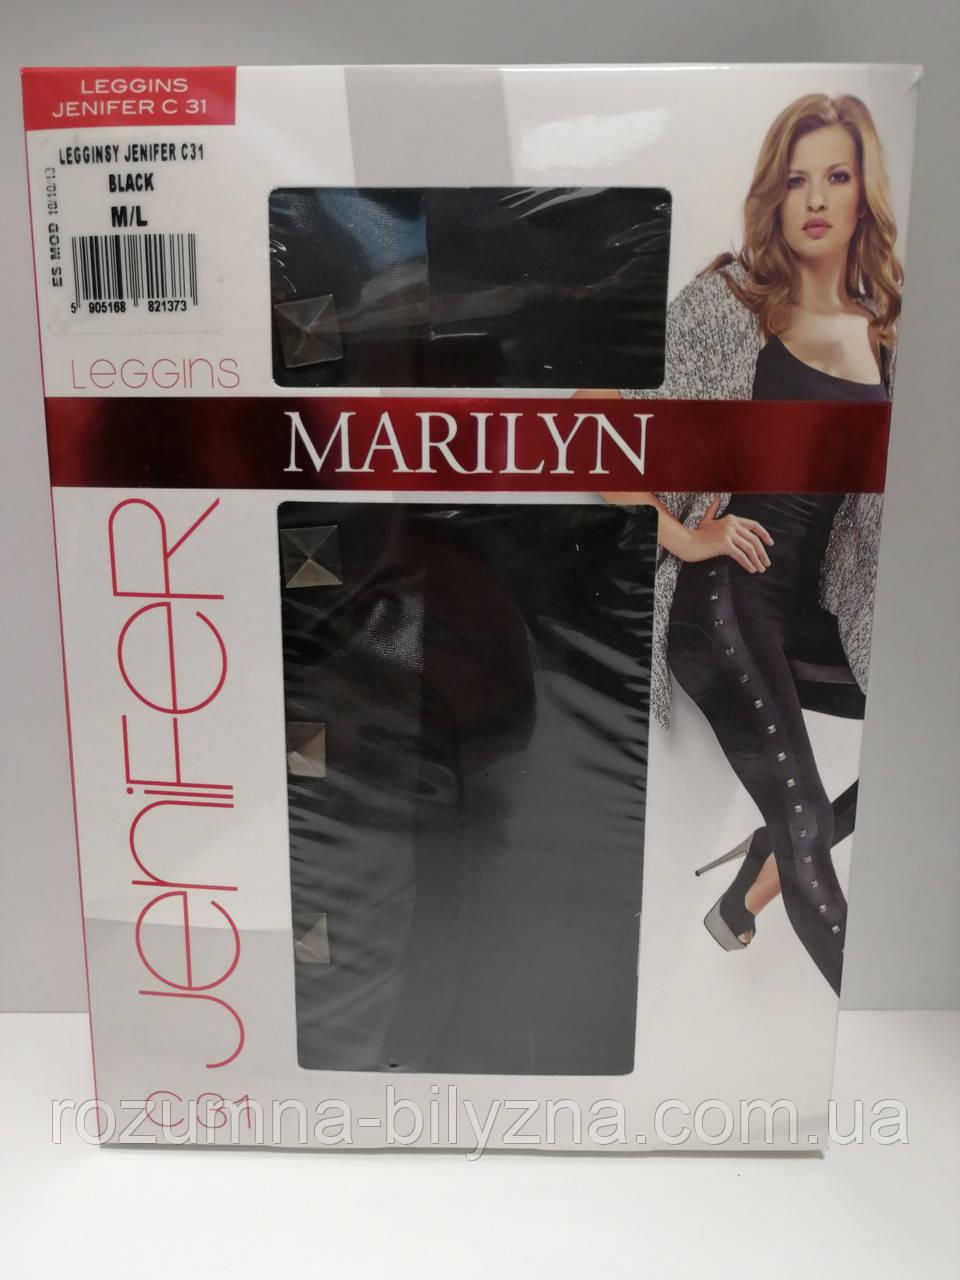 Лосіни жіночі Jenifer, 180 den, чорний, TM Marilyne, Польща